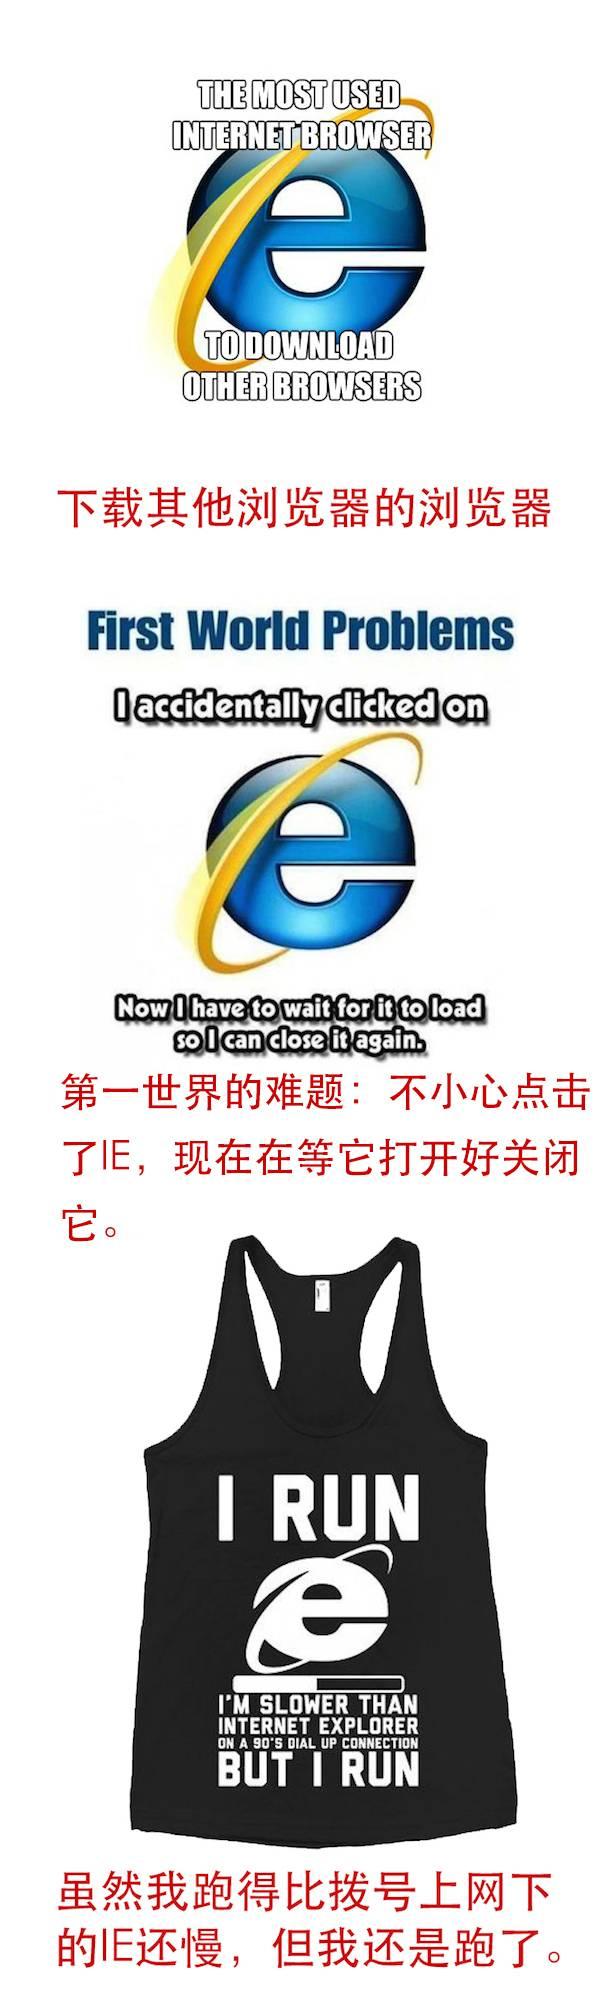 IE-final-2